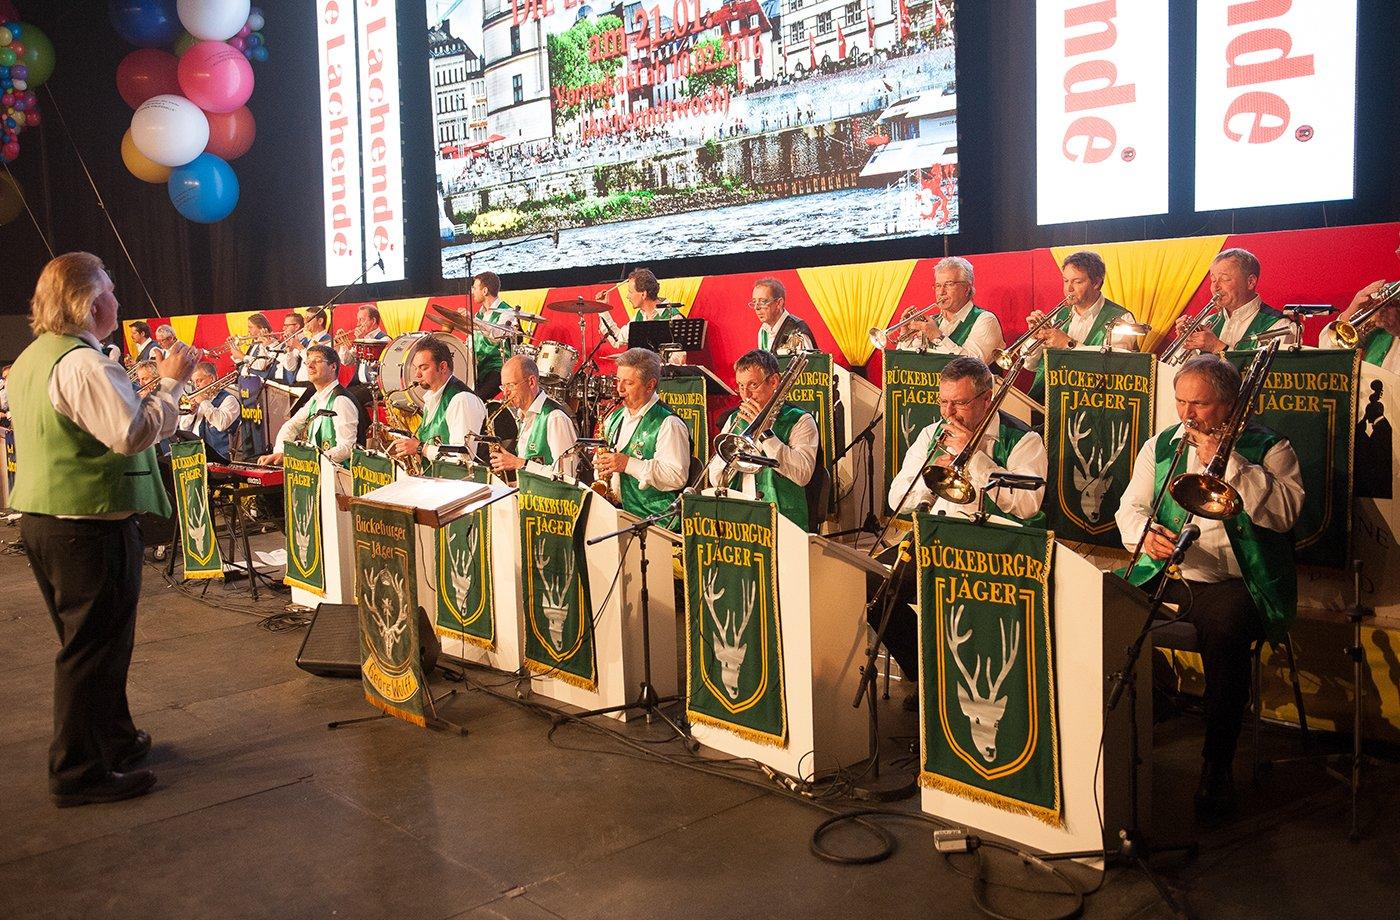 Bückeburger Jäger - Big Band